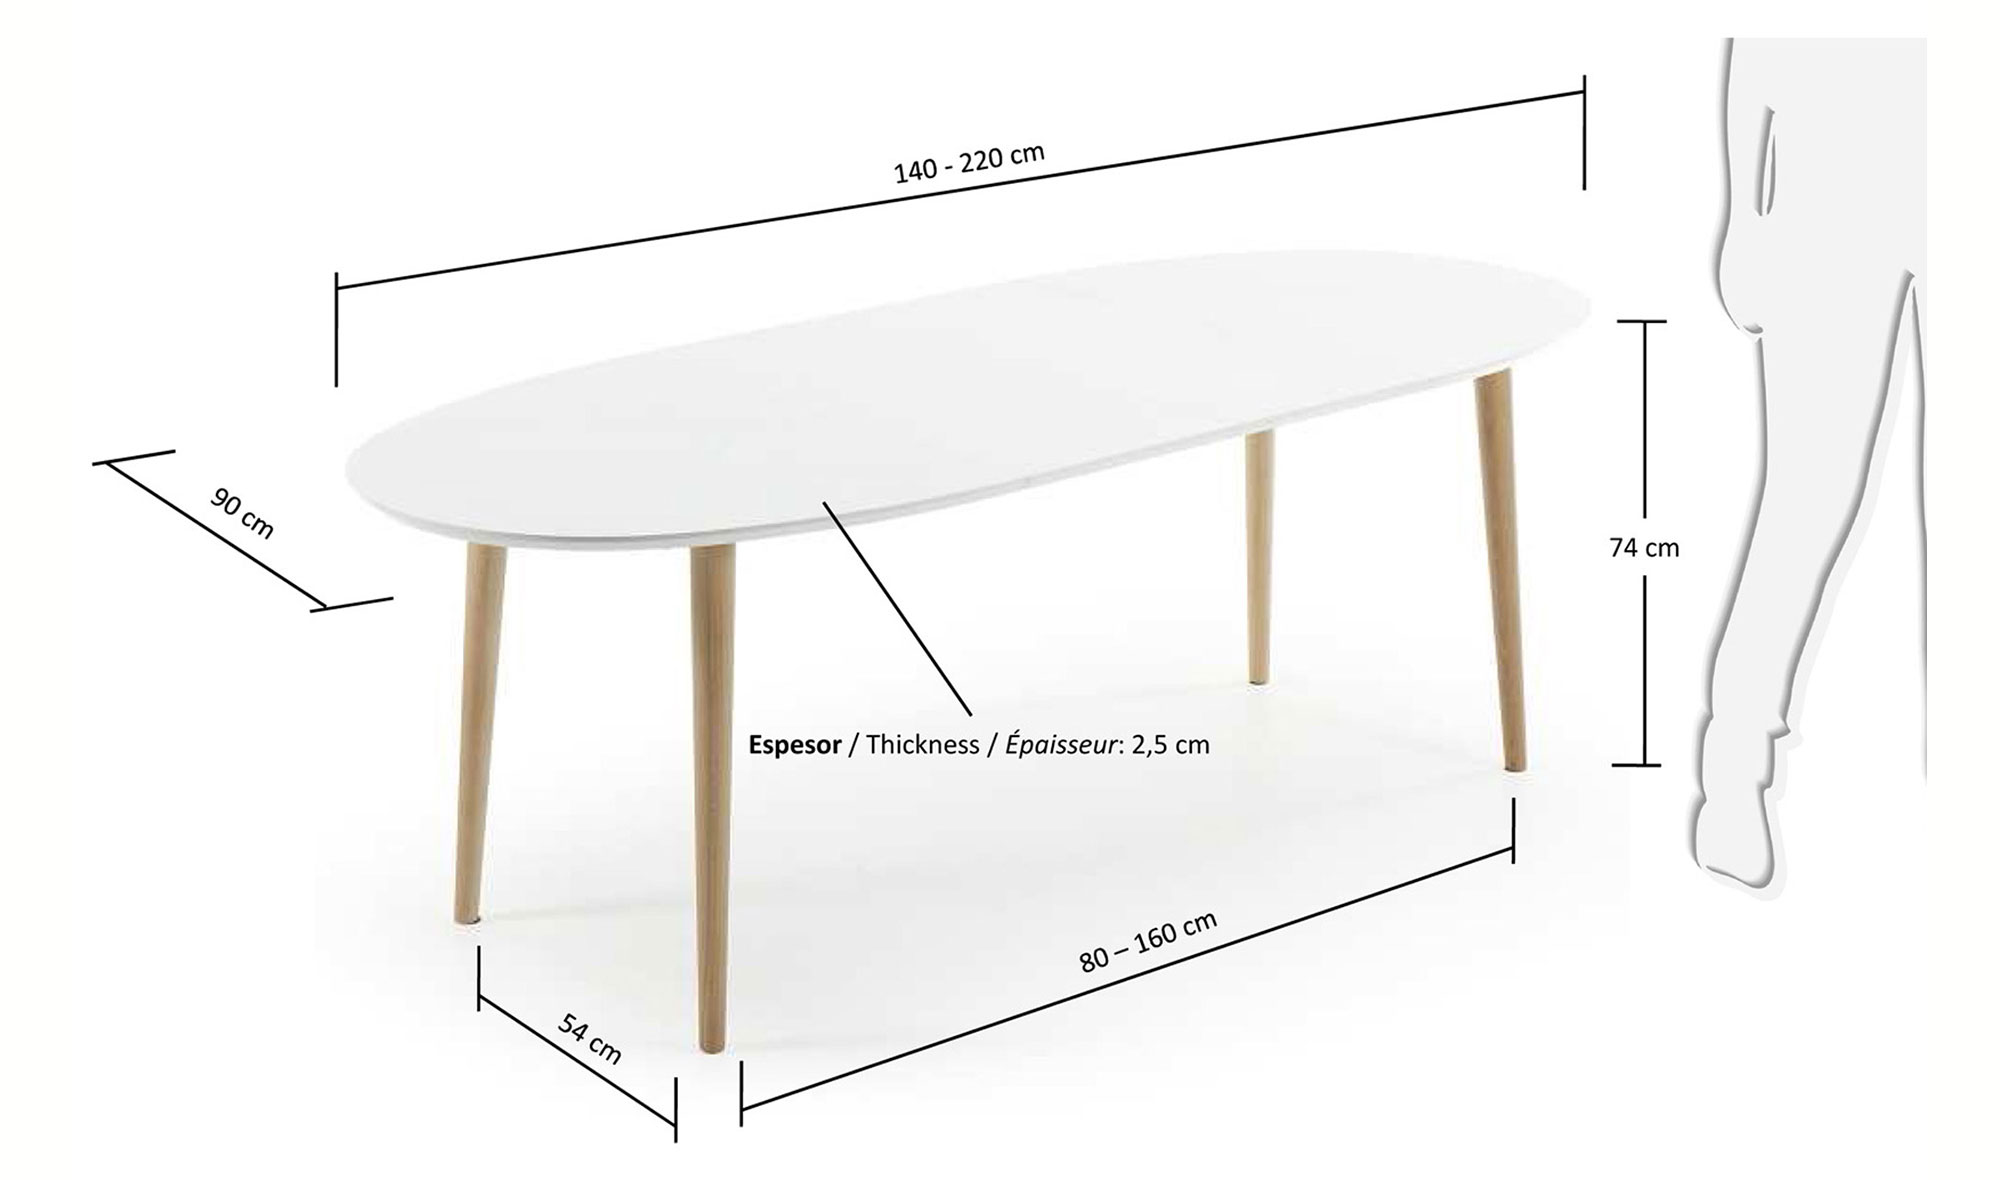 Mesa de comedor ovalada extensible 140 nórdica Oqui en ...